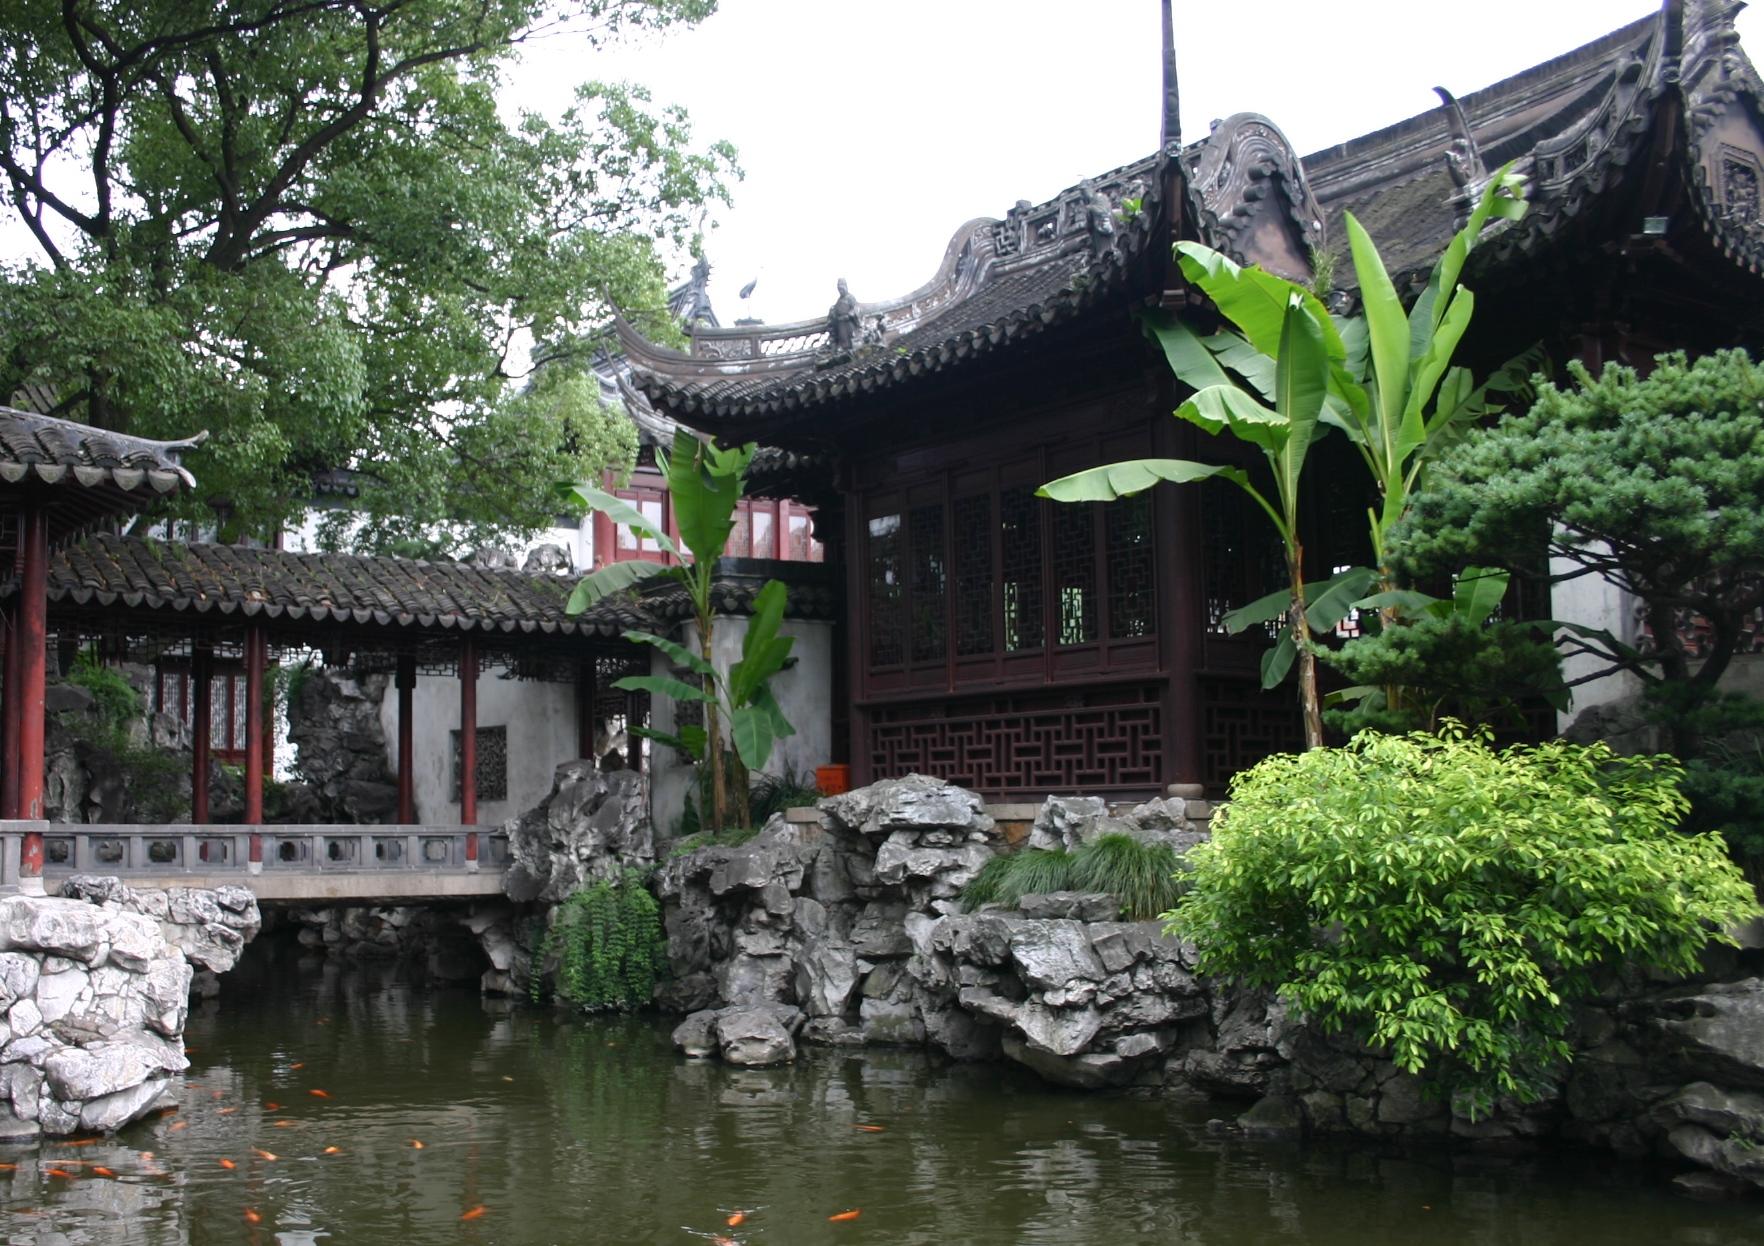 Жилище в традиционном китайском стиле. Фото